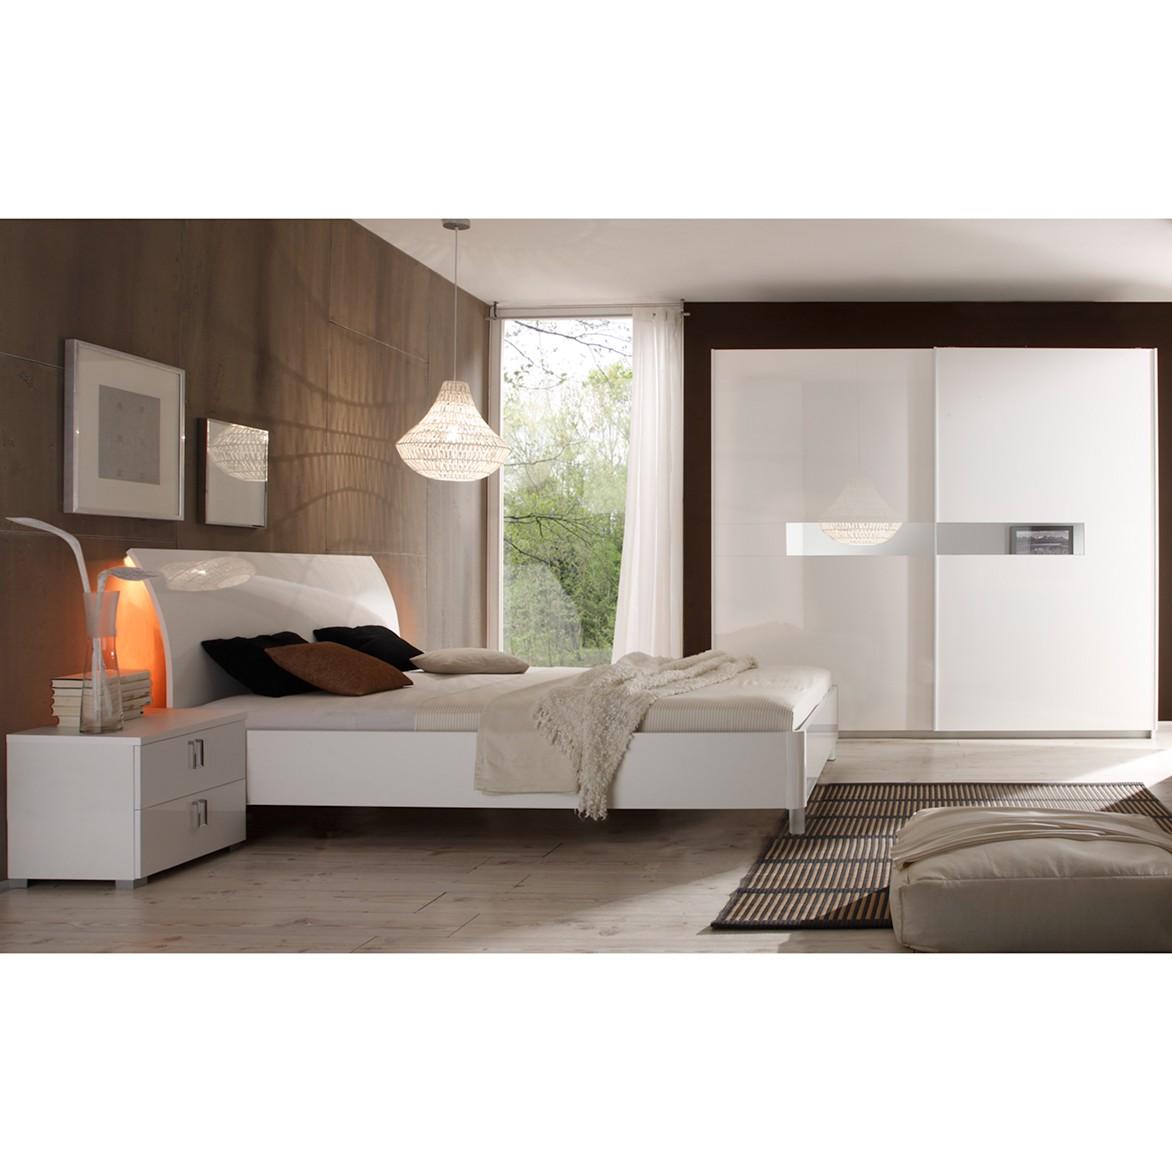 Schlafzimmerset II Lidia (4-teilig) - Hochglanz Weiß, Lc Mobili